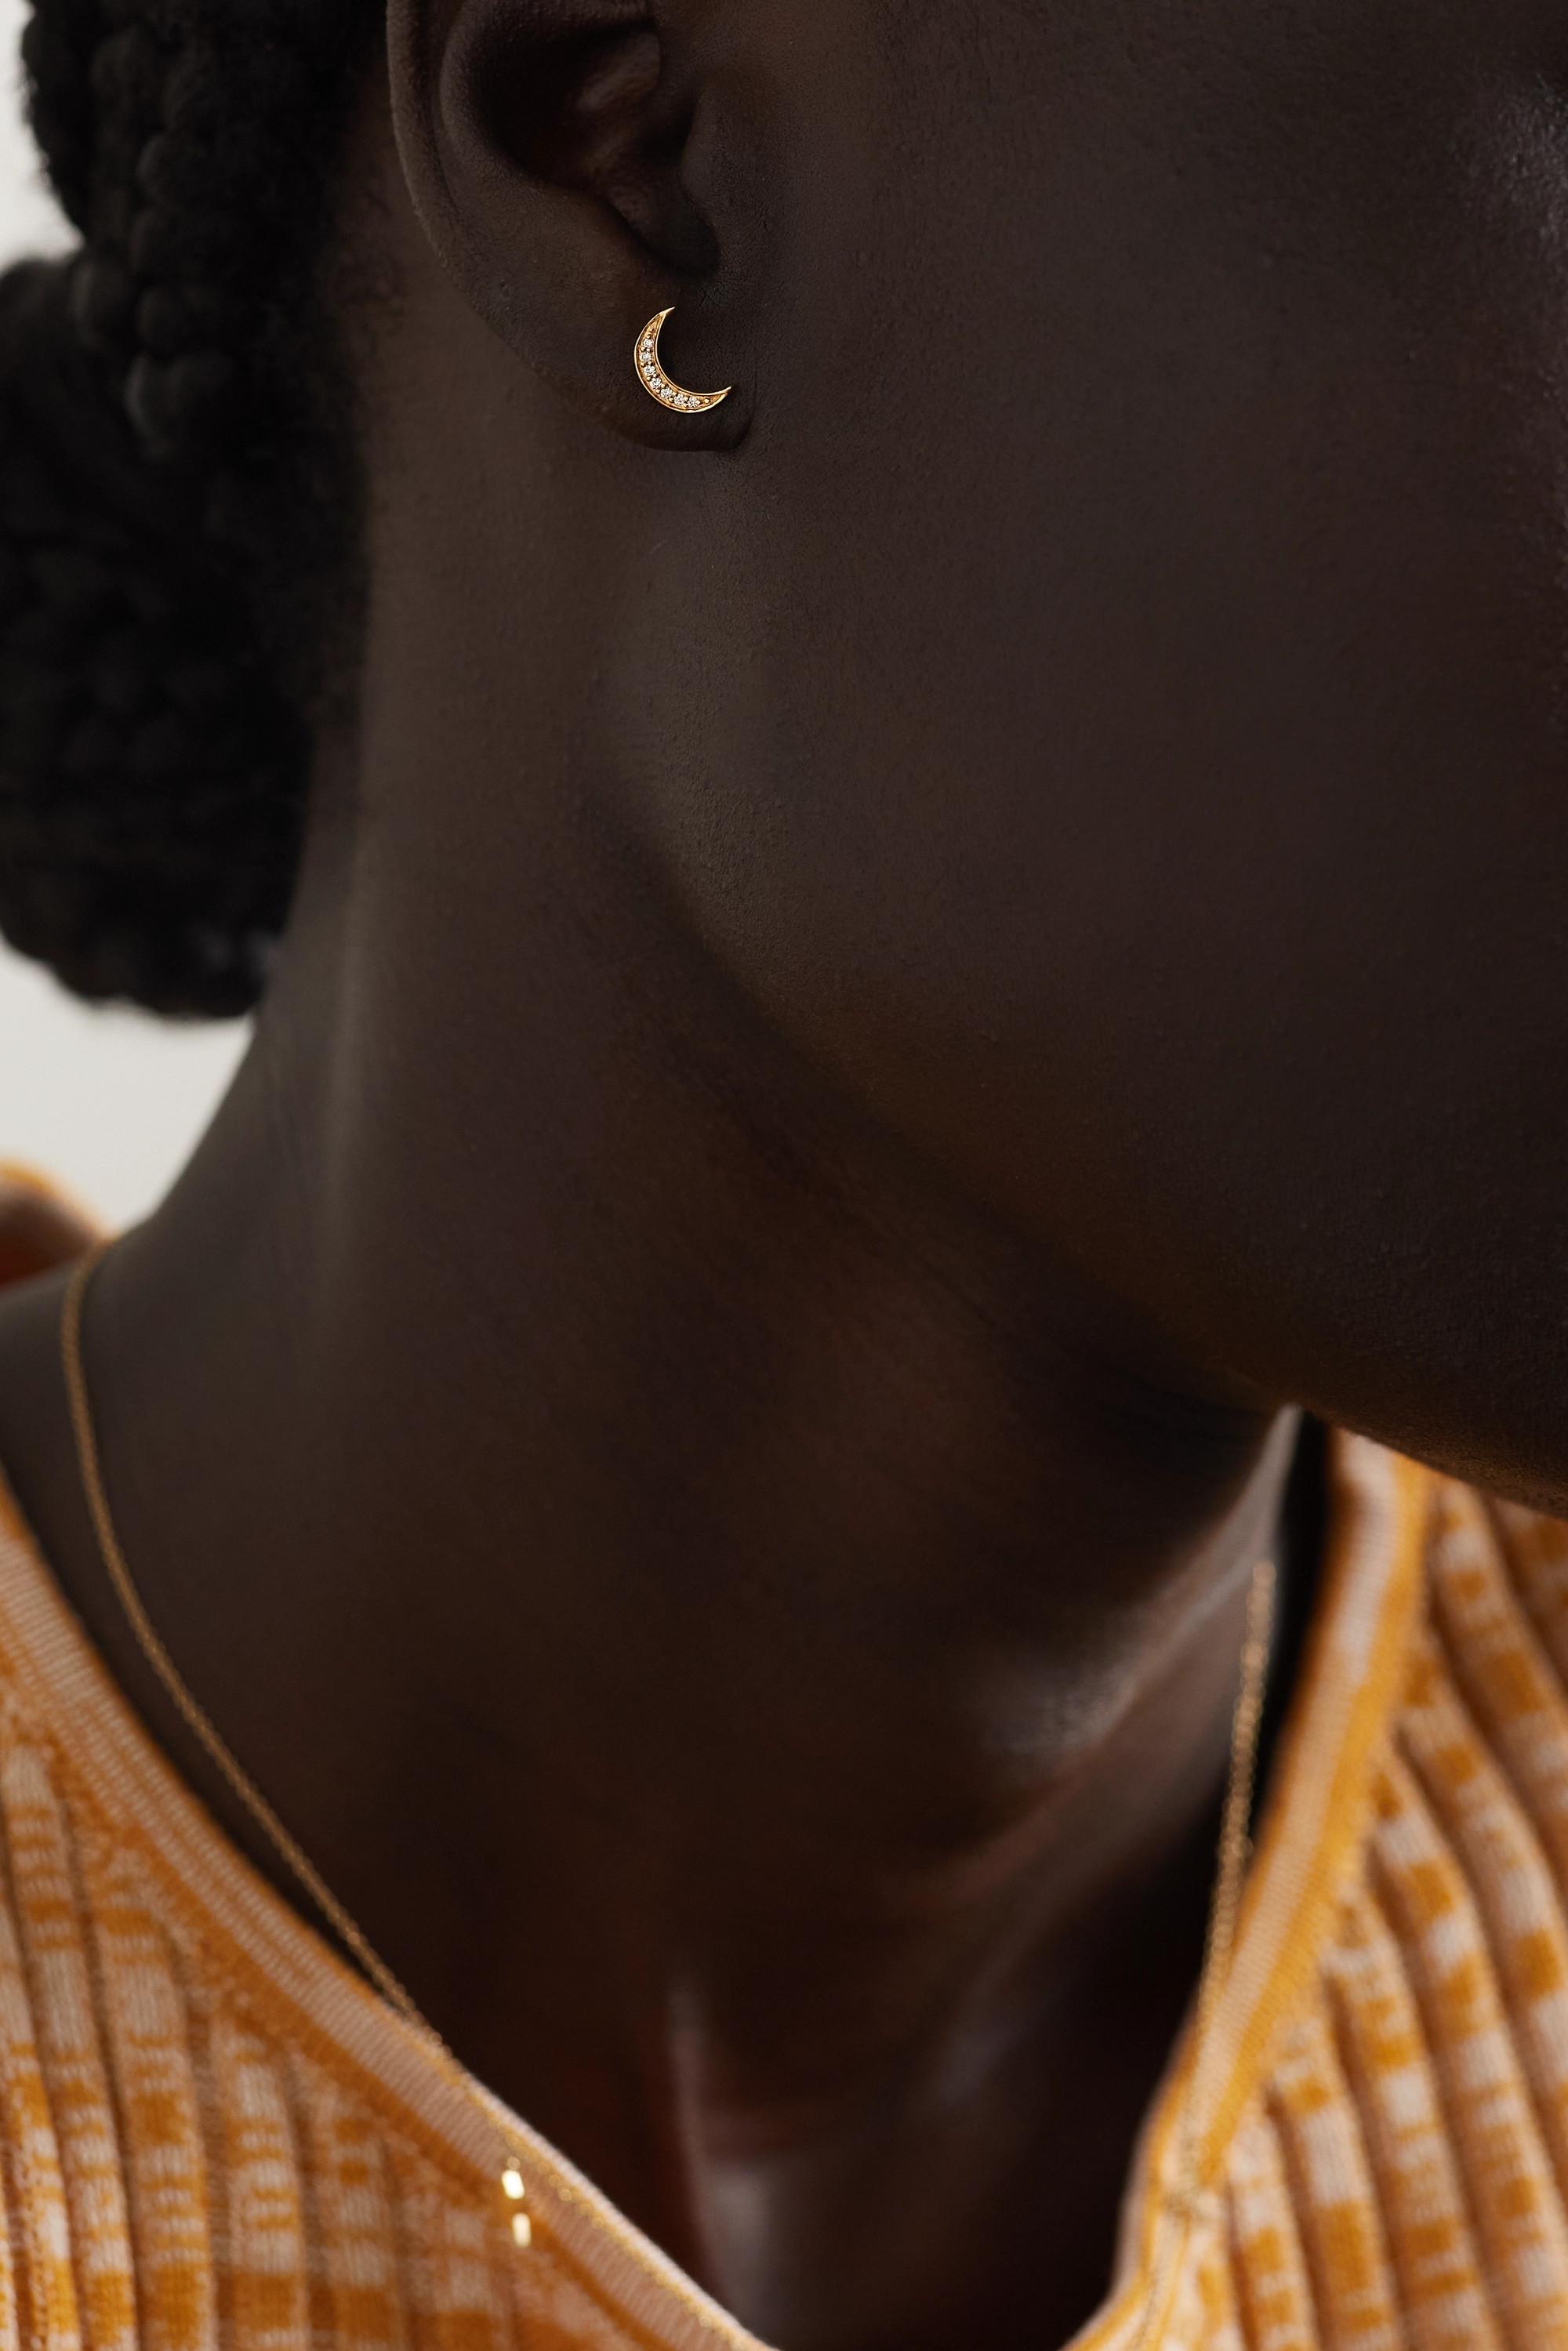 Andrea Fohrman Boucle d'oreille unique en or 14 carats (585/1000) et diamants Mini Crescent